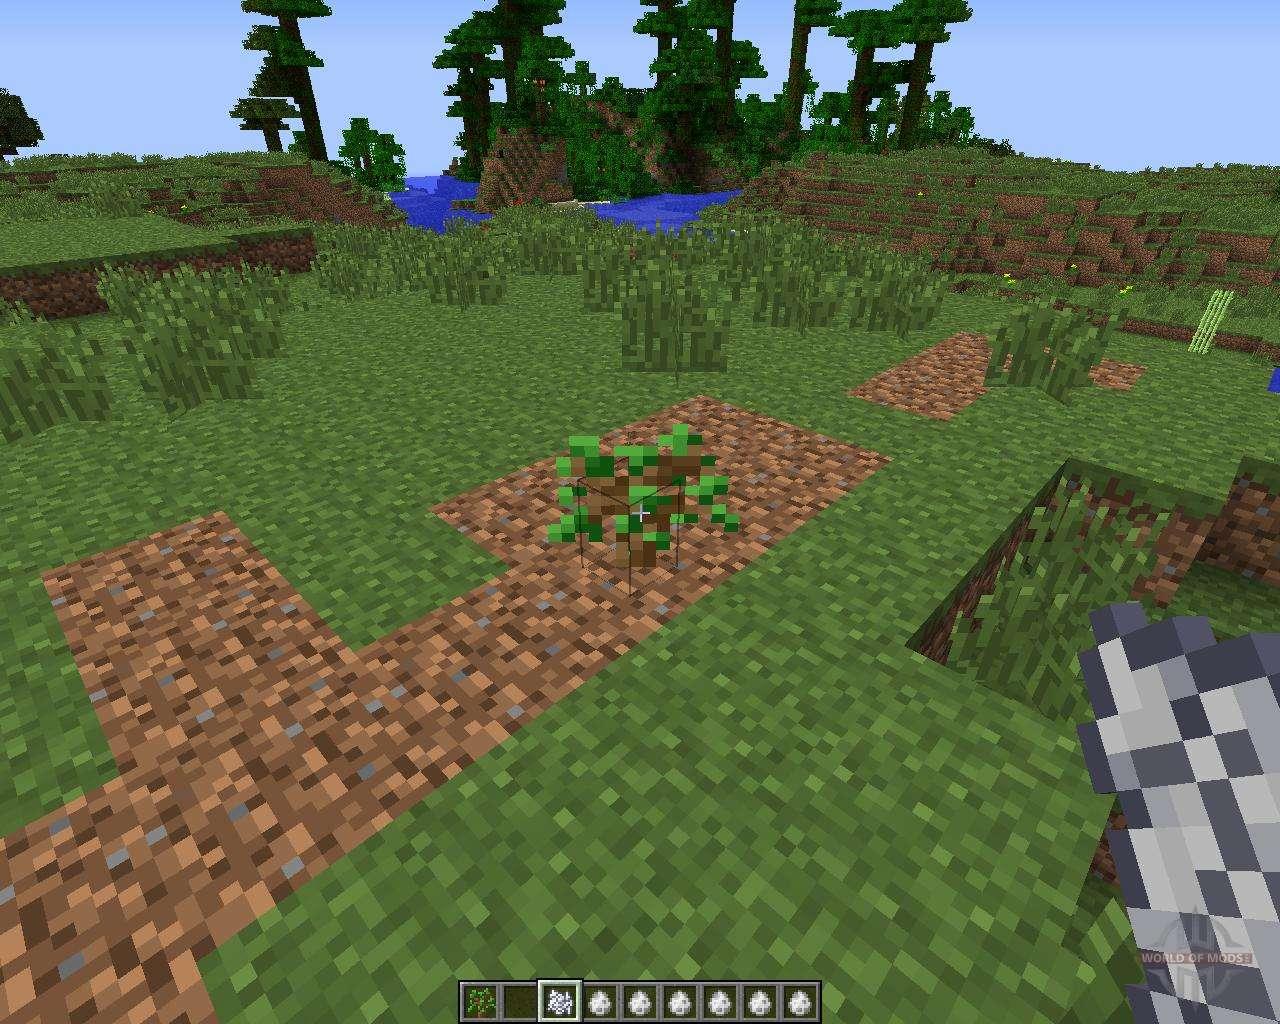 большие деревья мод 1.8.0 майнкрафт #5